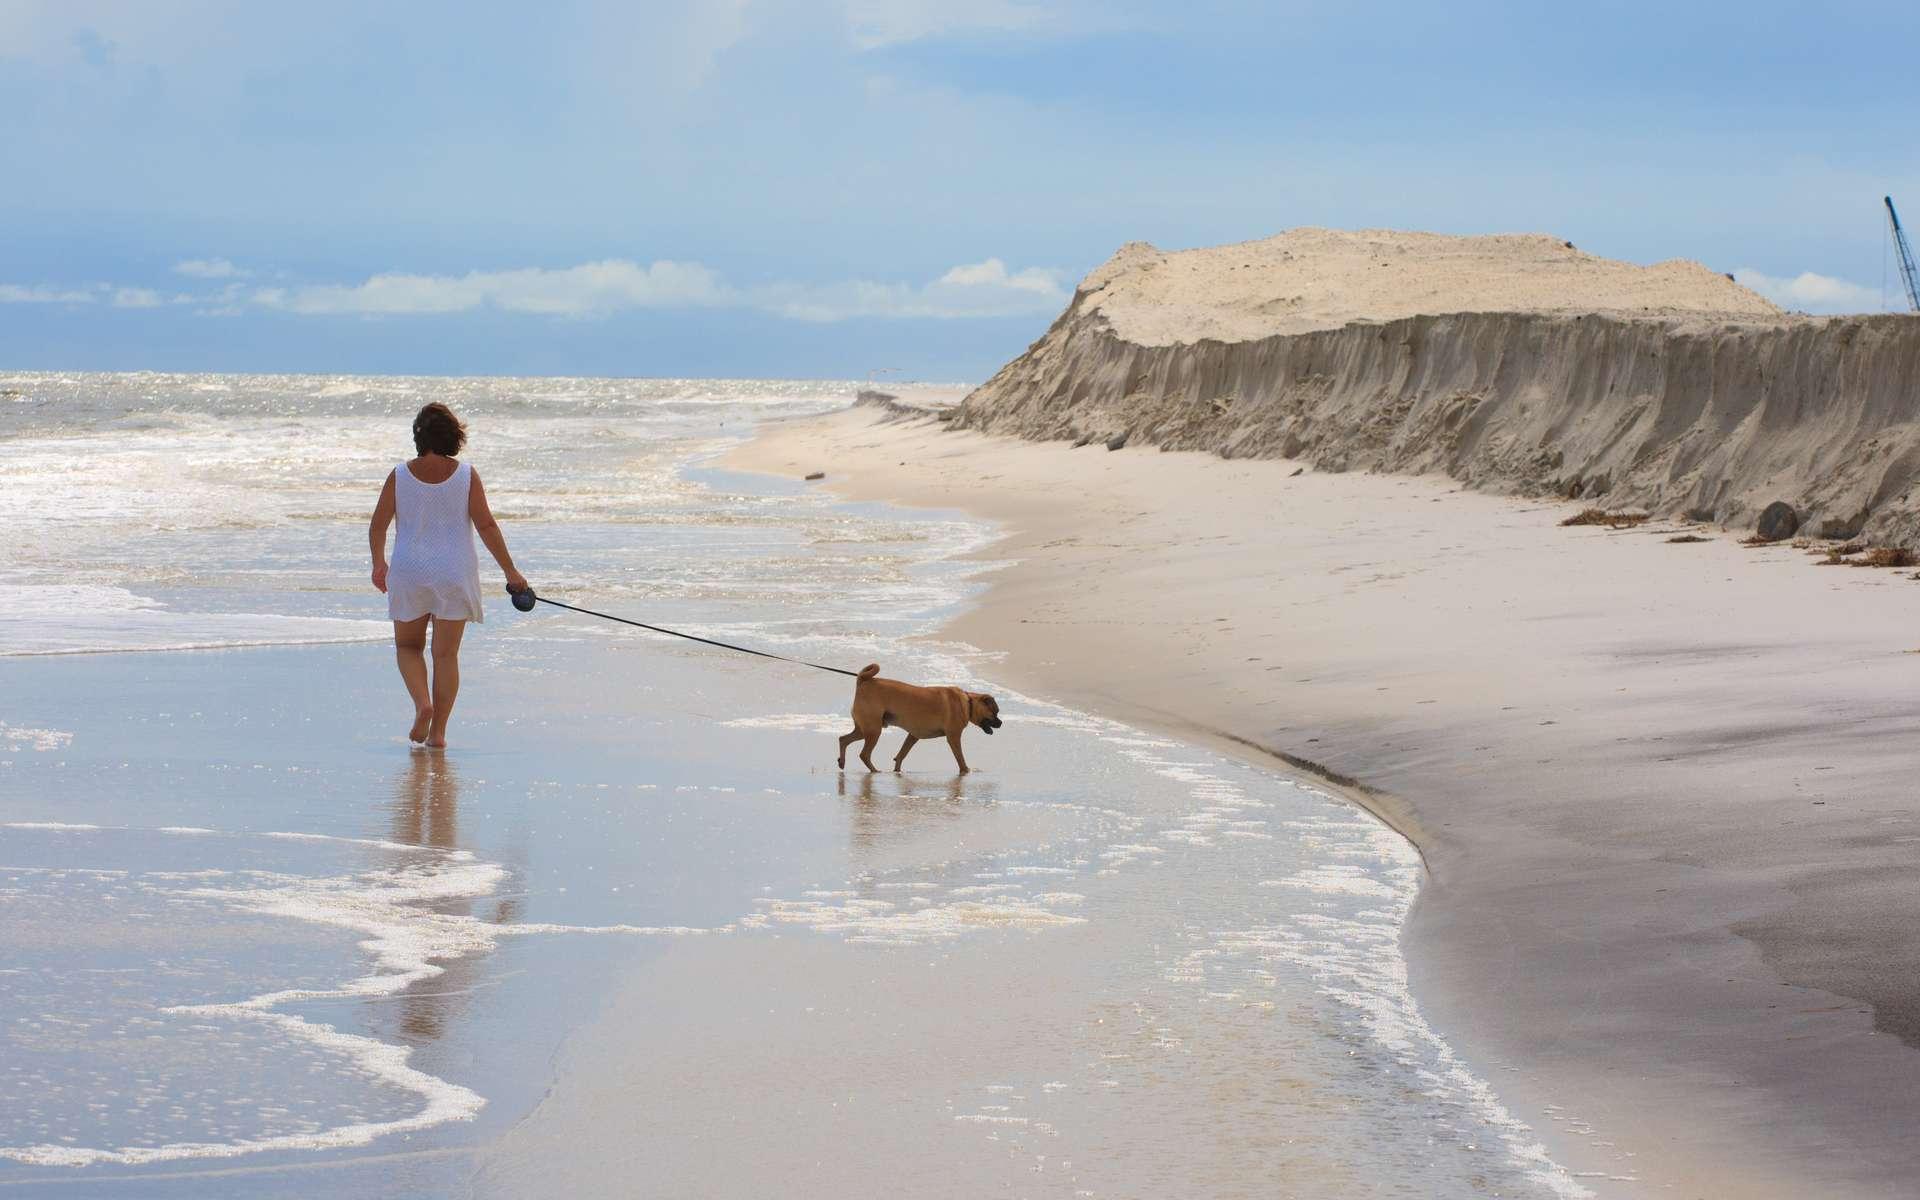 La plage de Dauphin Island, sur les côtes de l'Alabama, le 5 juillet 2010, protégée du pétrole par une digue de sable (à droite). © BP